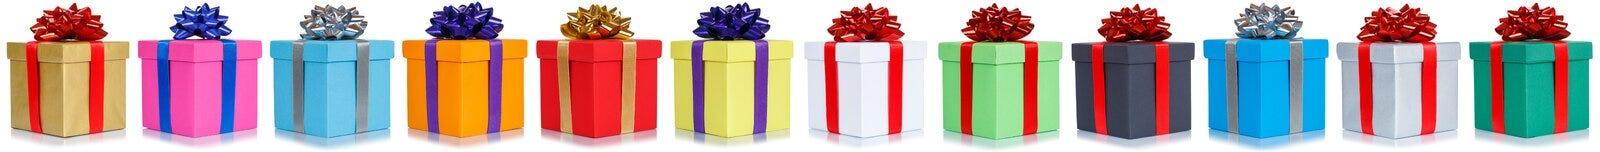 Les cadeaux présente le présent de cadeau d'anniversaire de Noël dans une rangée d'isolement photographie stock